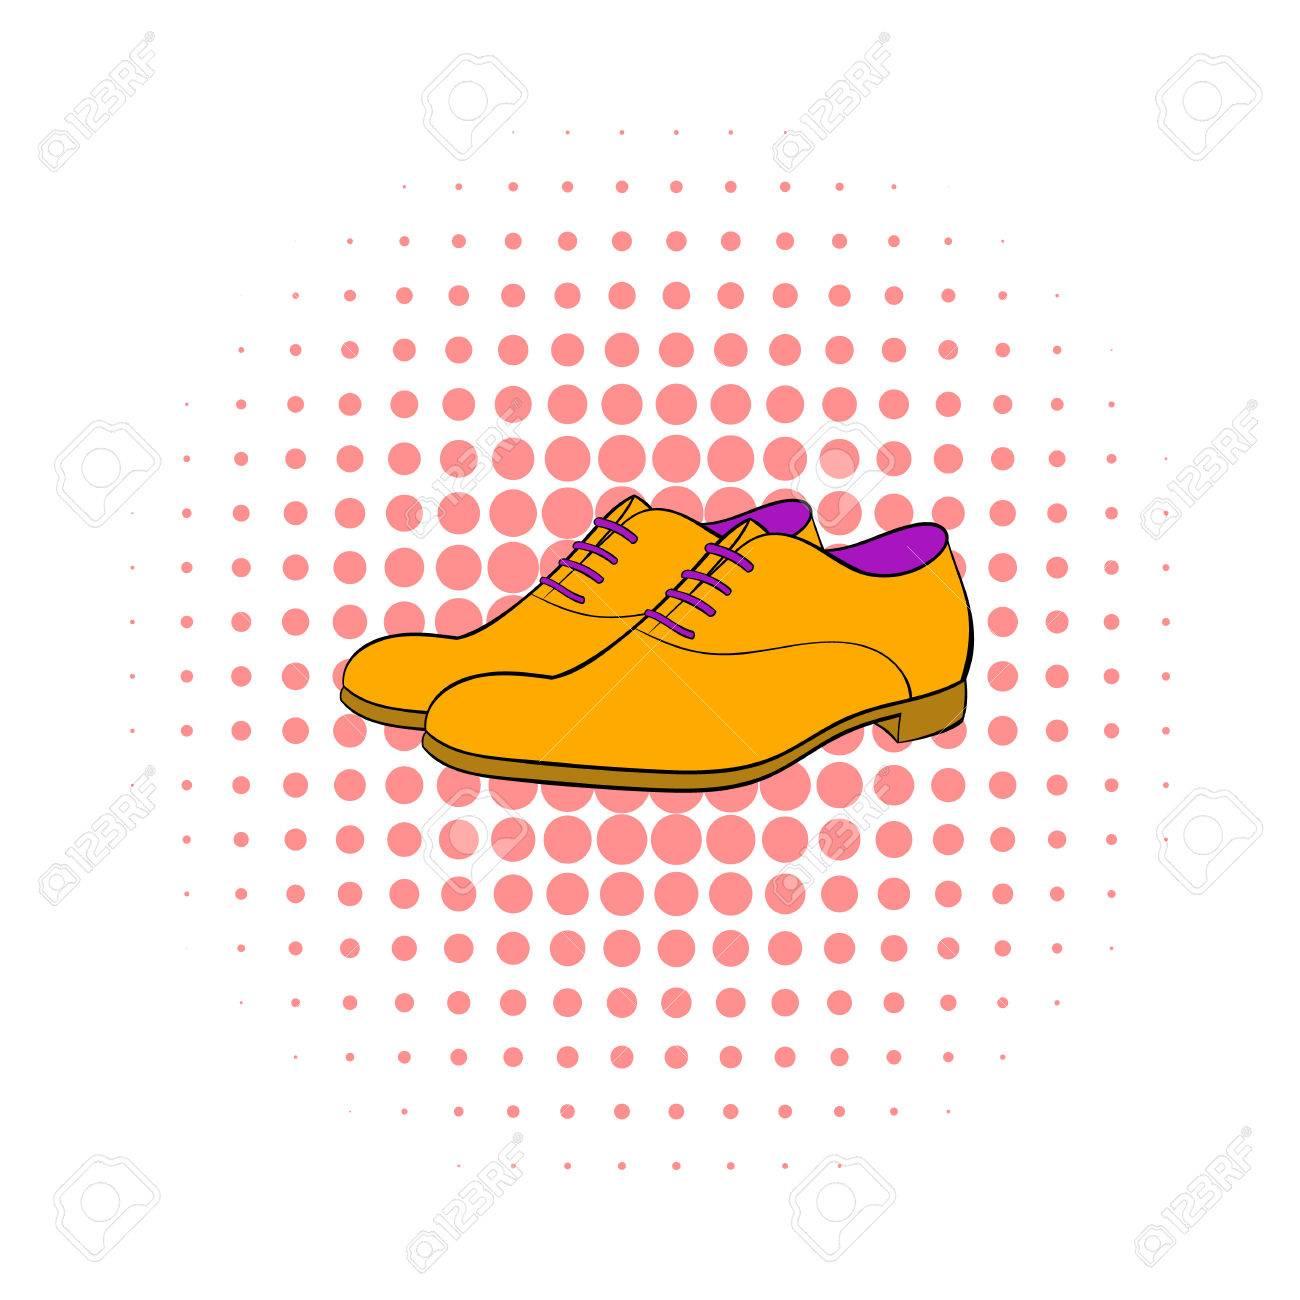 Schuhe Fur Herren In Comics Stil Auf Gepunkteten Hintergrund Symbol